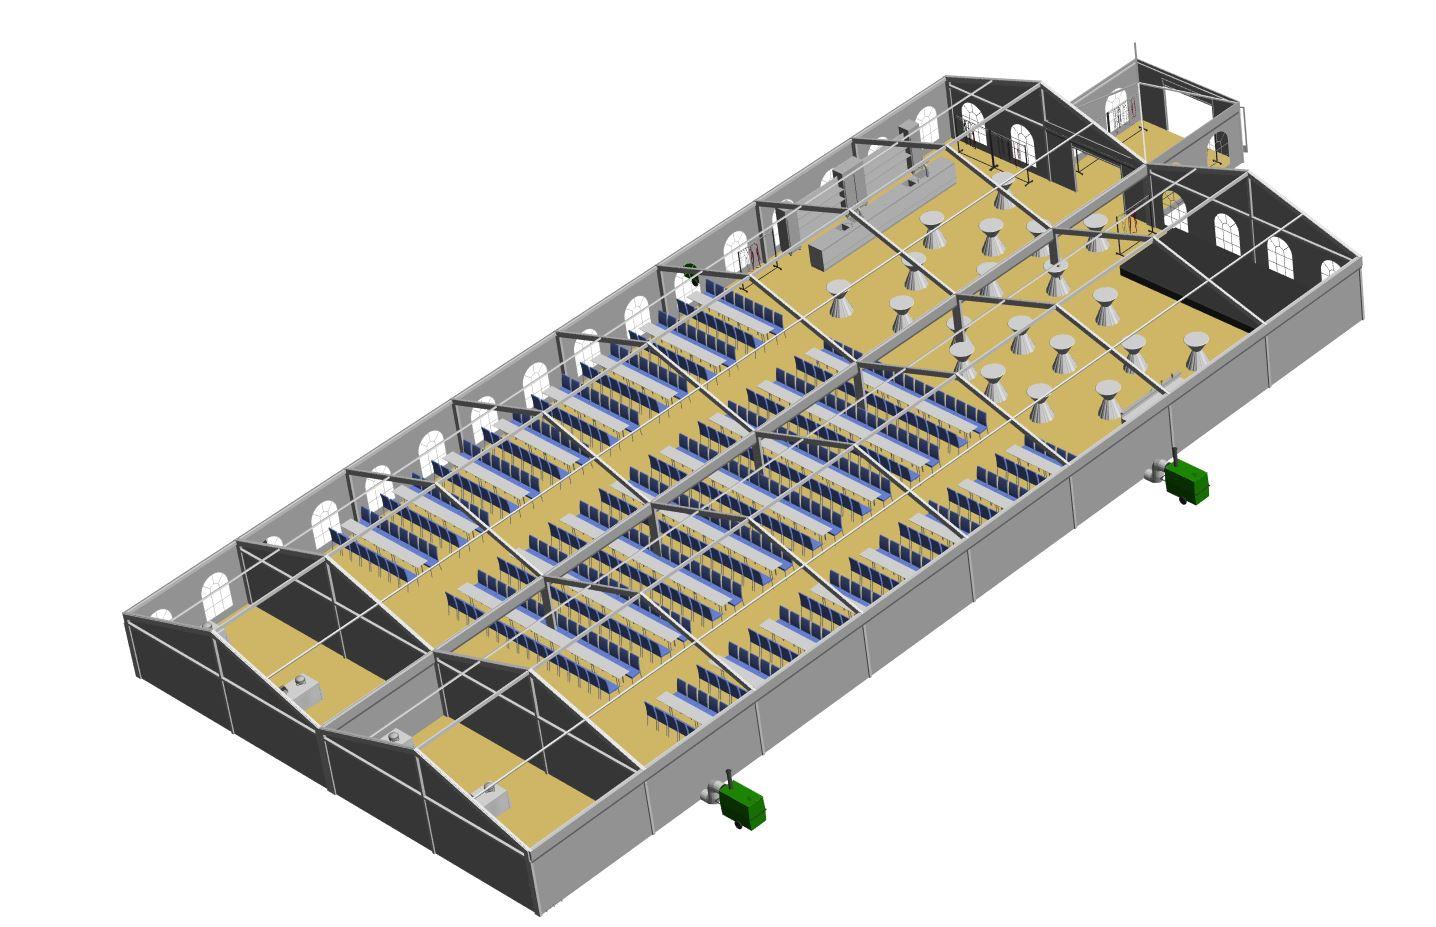 2-Zelte-10-x-40-m zusammengebaut auf-20-x-40-m mit-jeweils-abgetrennten Giebel für-Büffetbereich